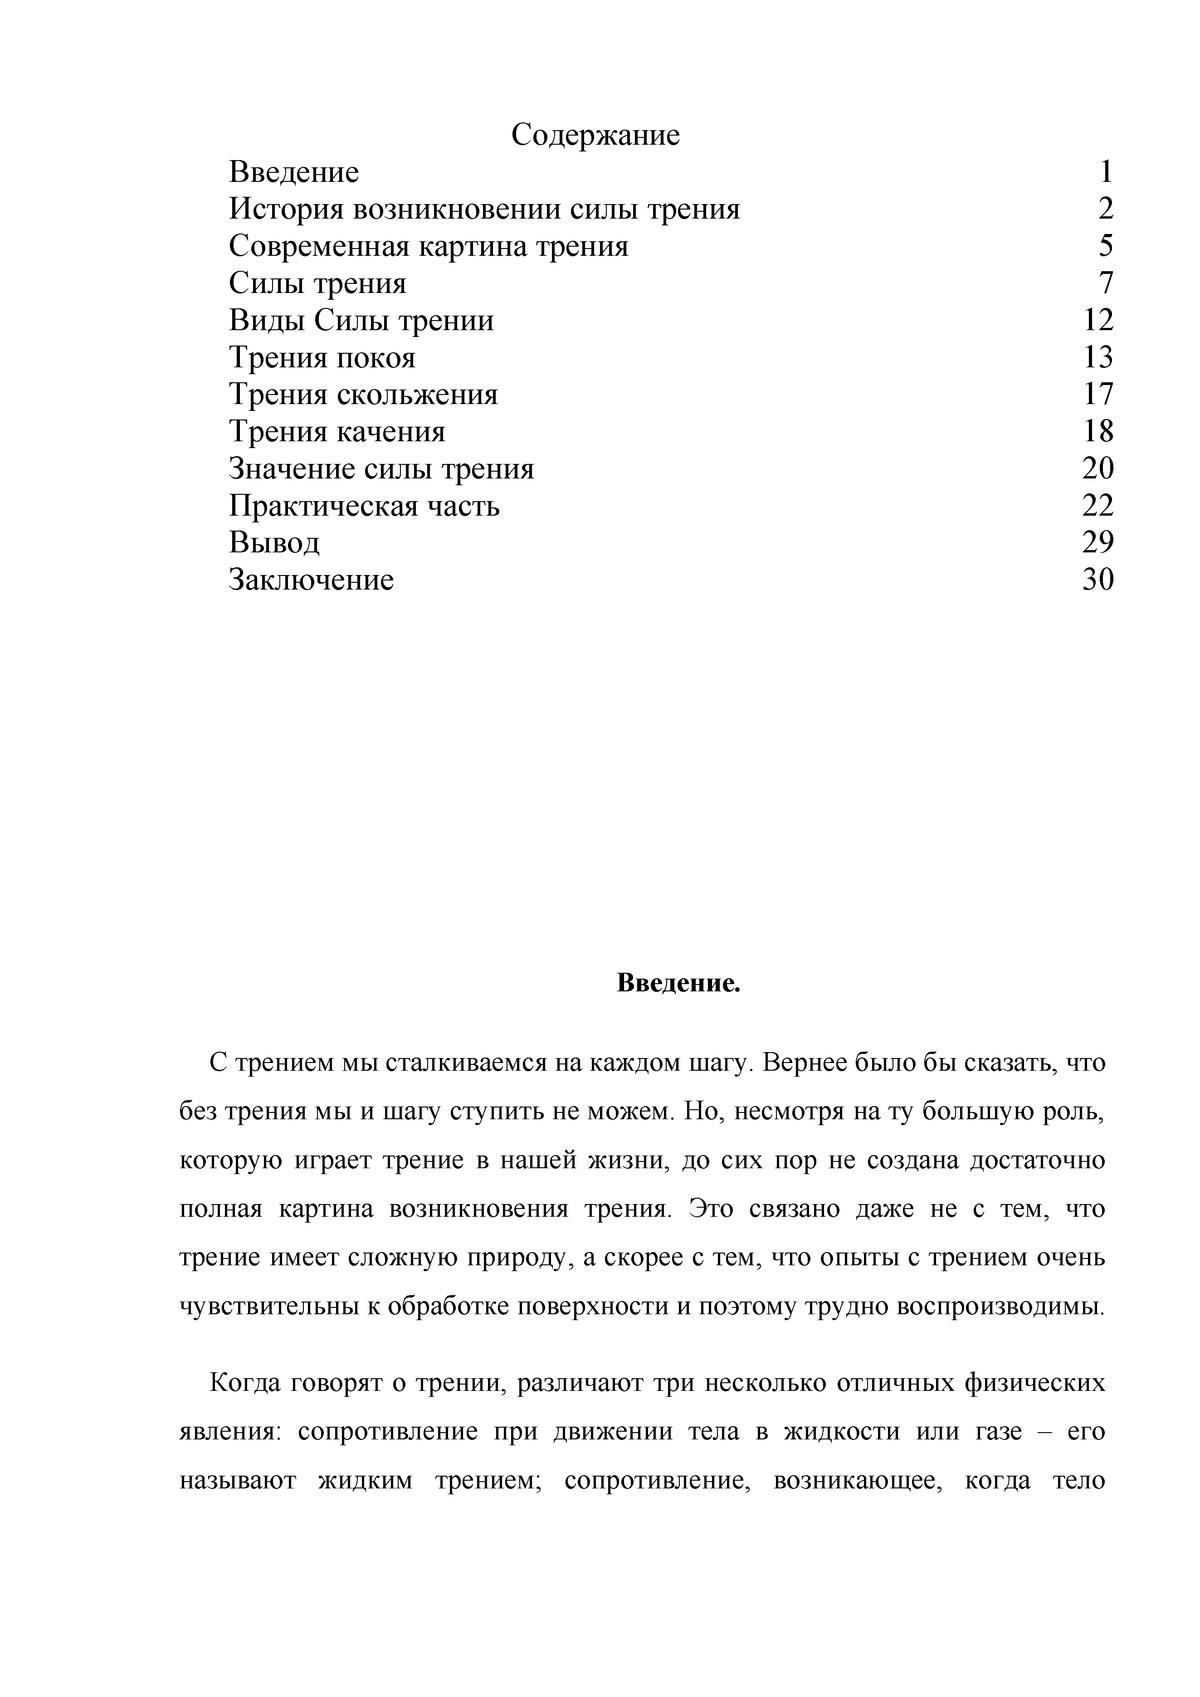 Молекулярно механическая теория трения реферат 1722